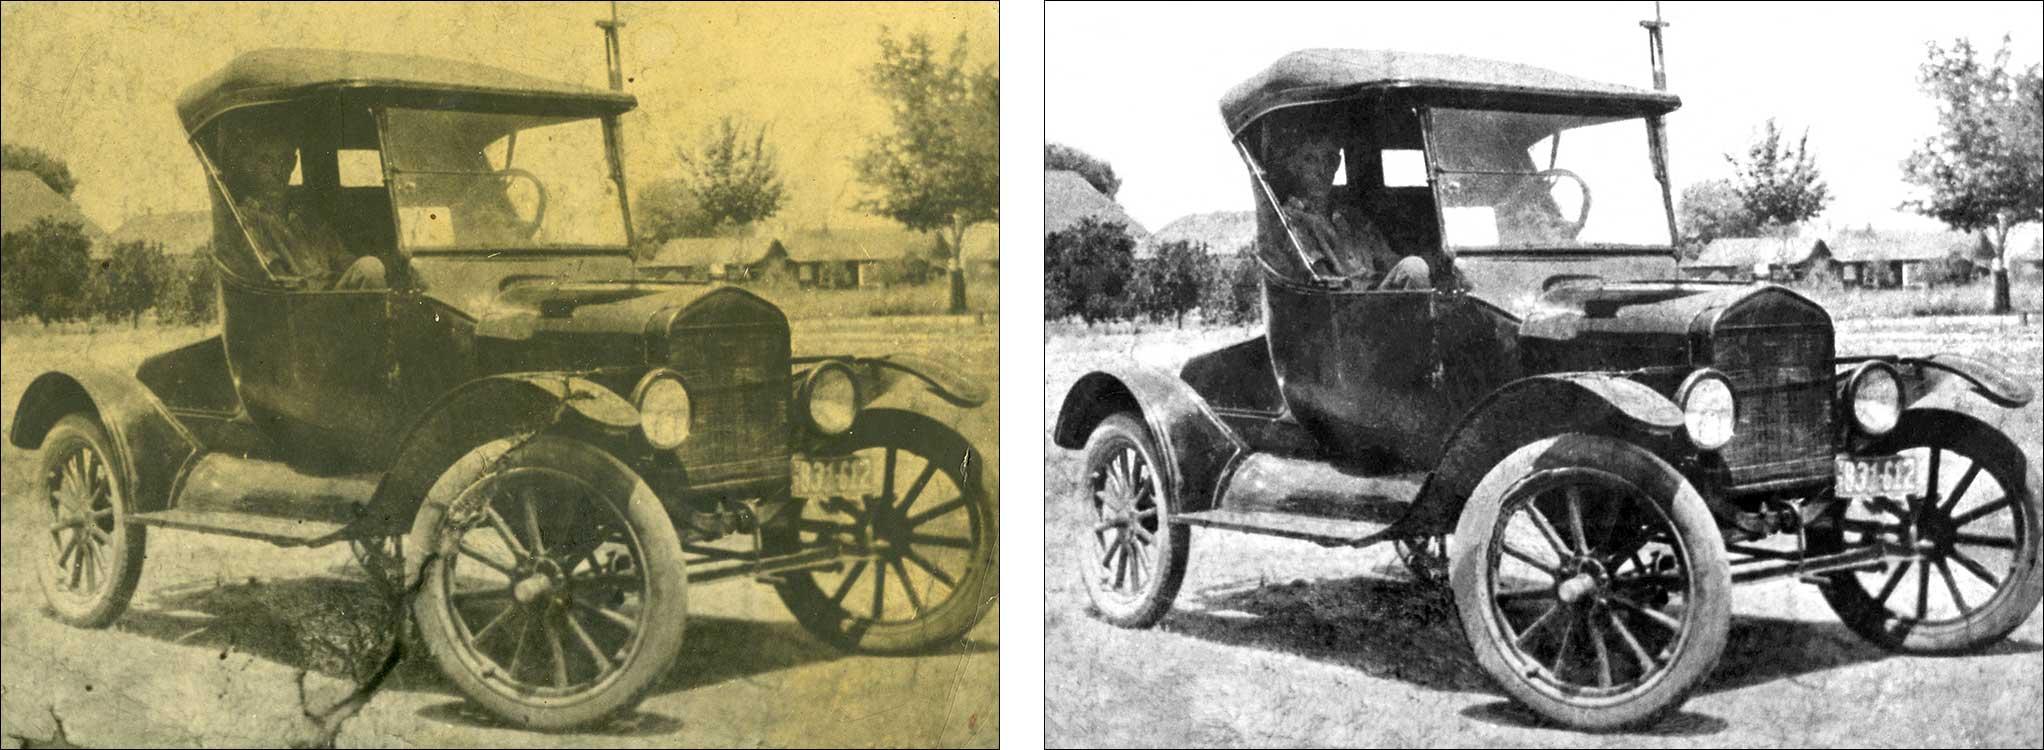 Digital Restoration of Old Photographs